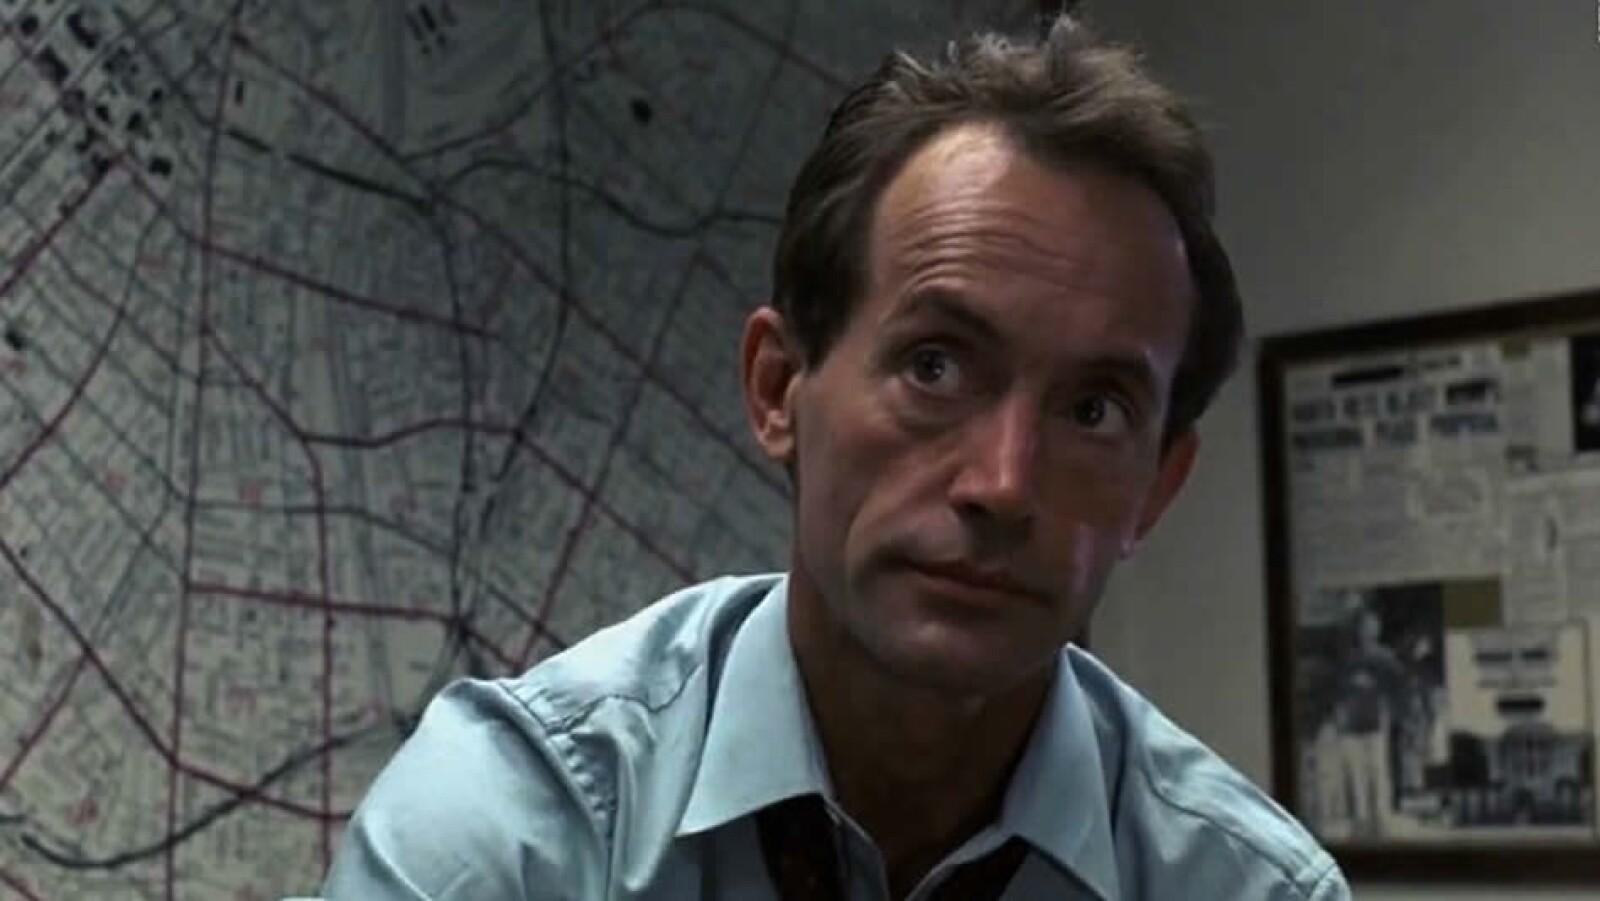 Lance Henriksen interpretó al sargento de policía Hal Vukovich, quien también investiga el caso de Sarah Connor